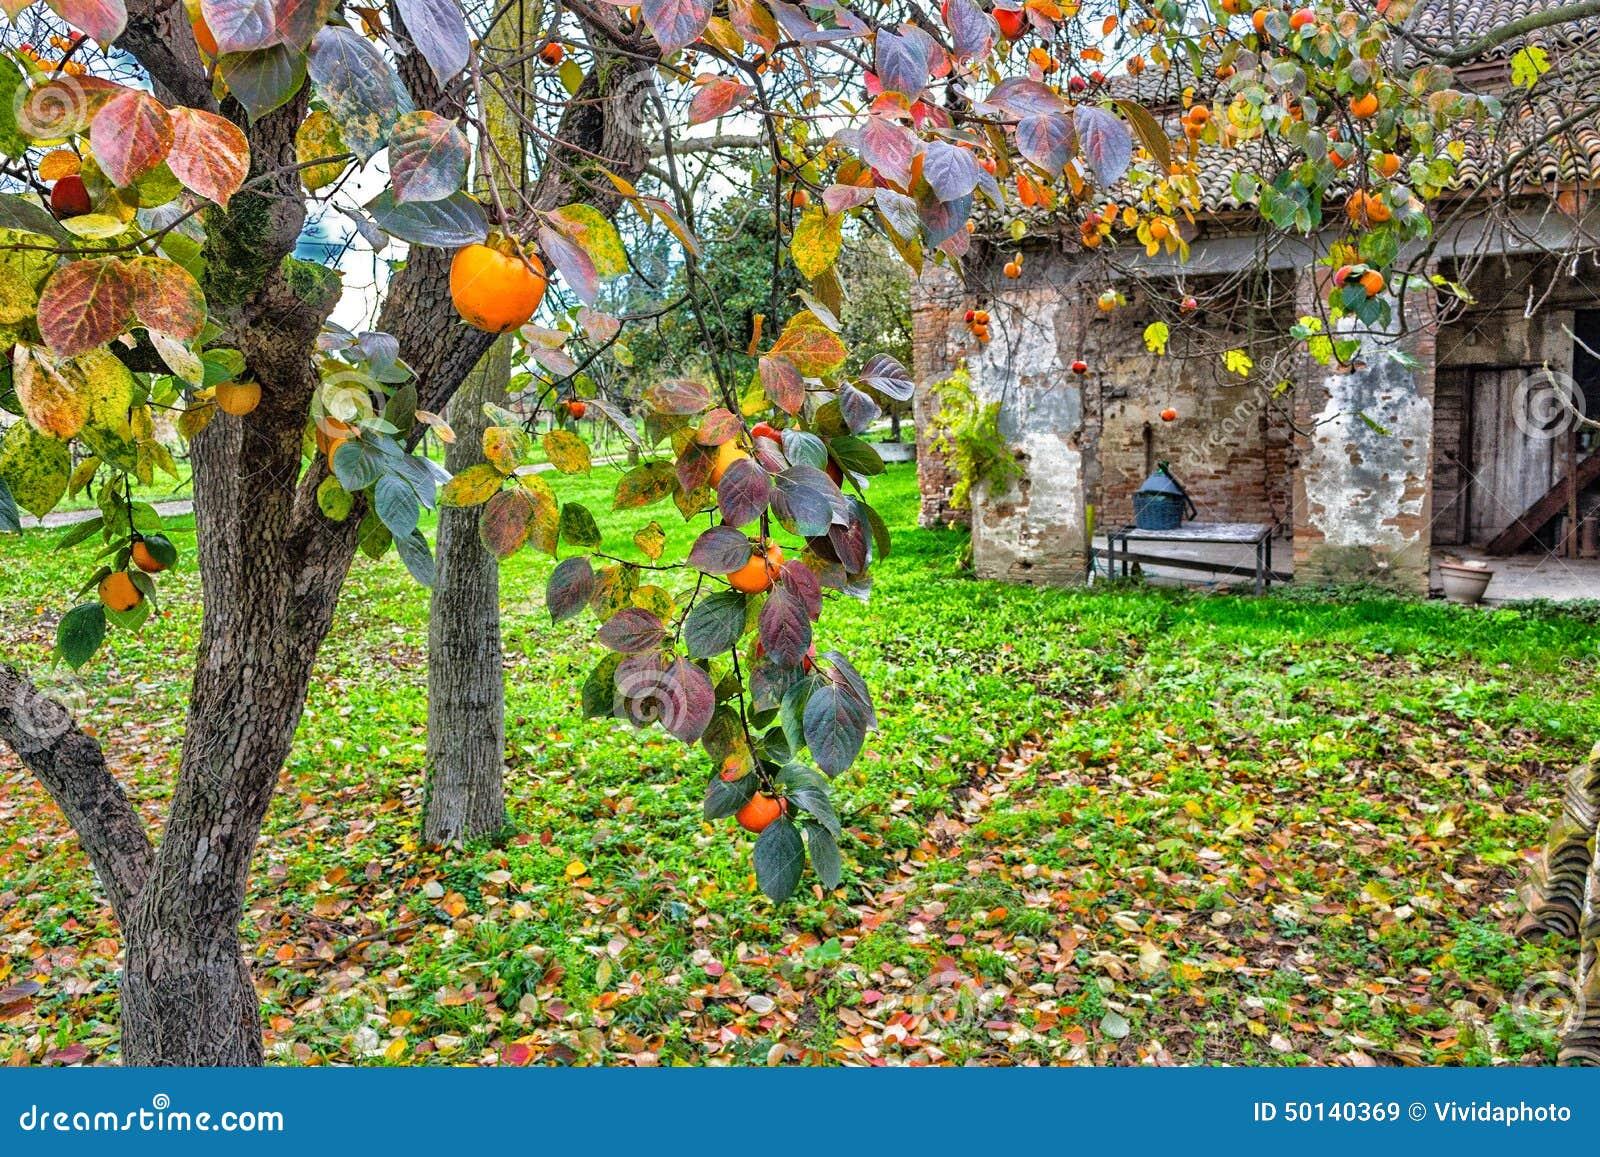 Albero di cachi e fattoria immagine stock immagine di for Albero di cachi